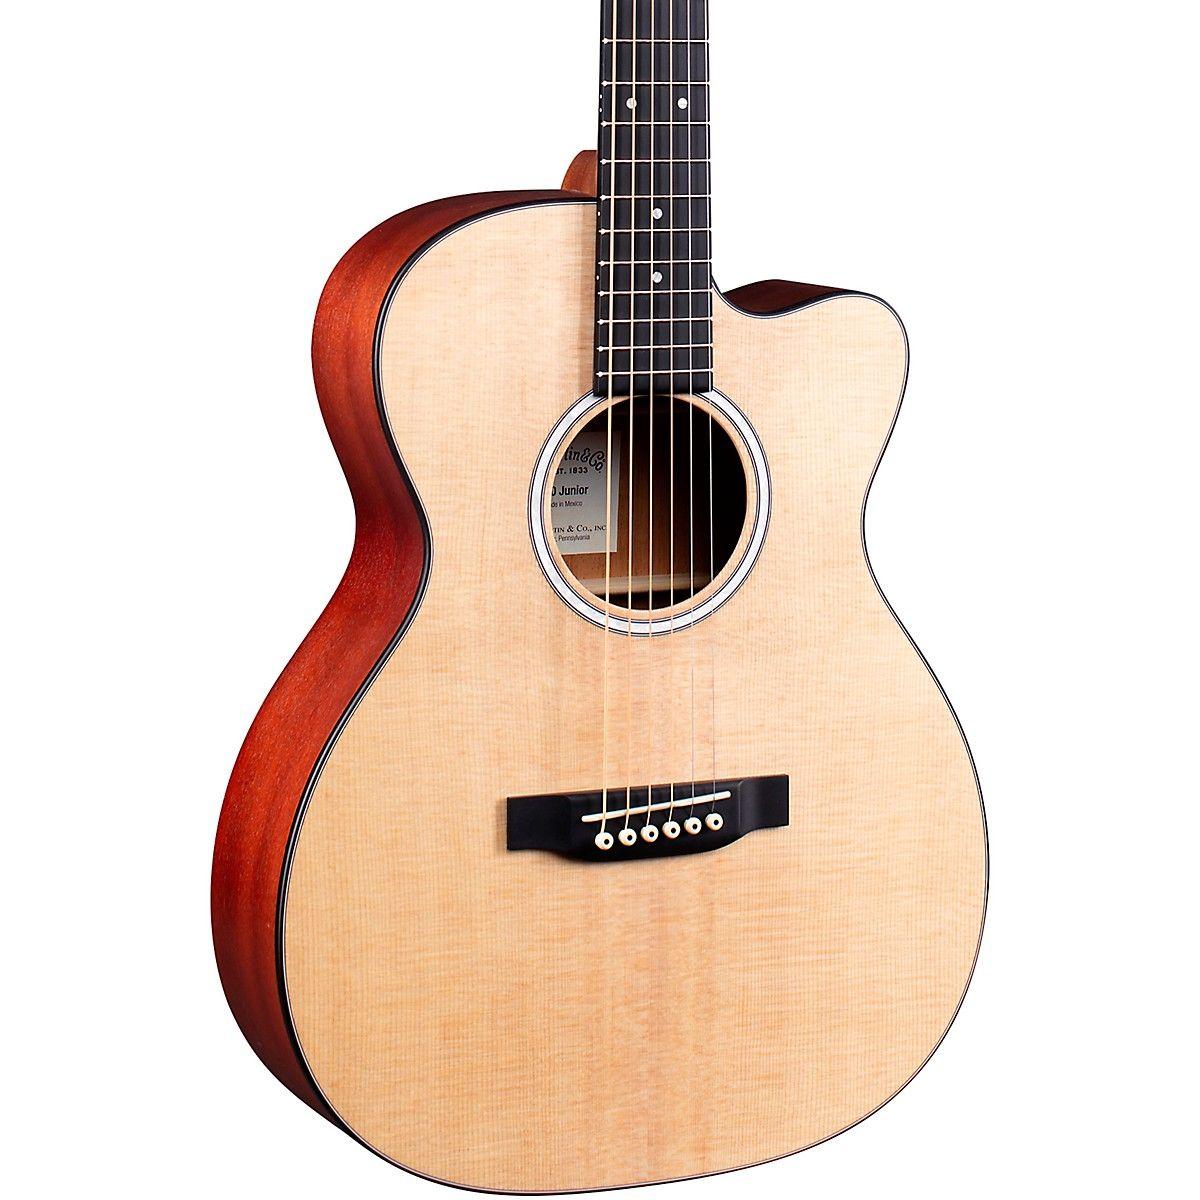 Martin 000 Jr 10e Auditorium Cutaway Acoustic Electric Guitar In 2020 Acoustic Electric Guitar Acoustic Electric Electric Guitar